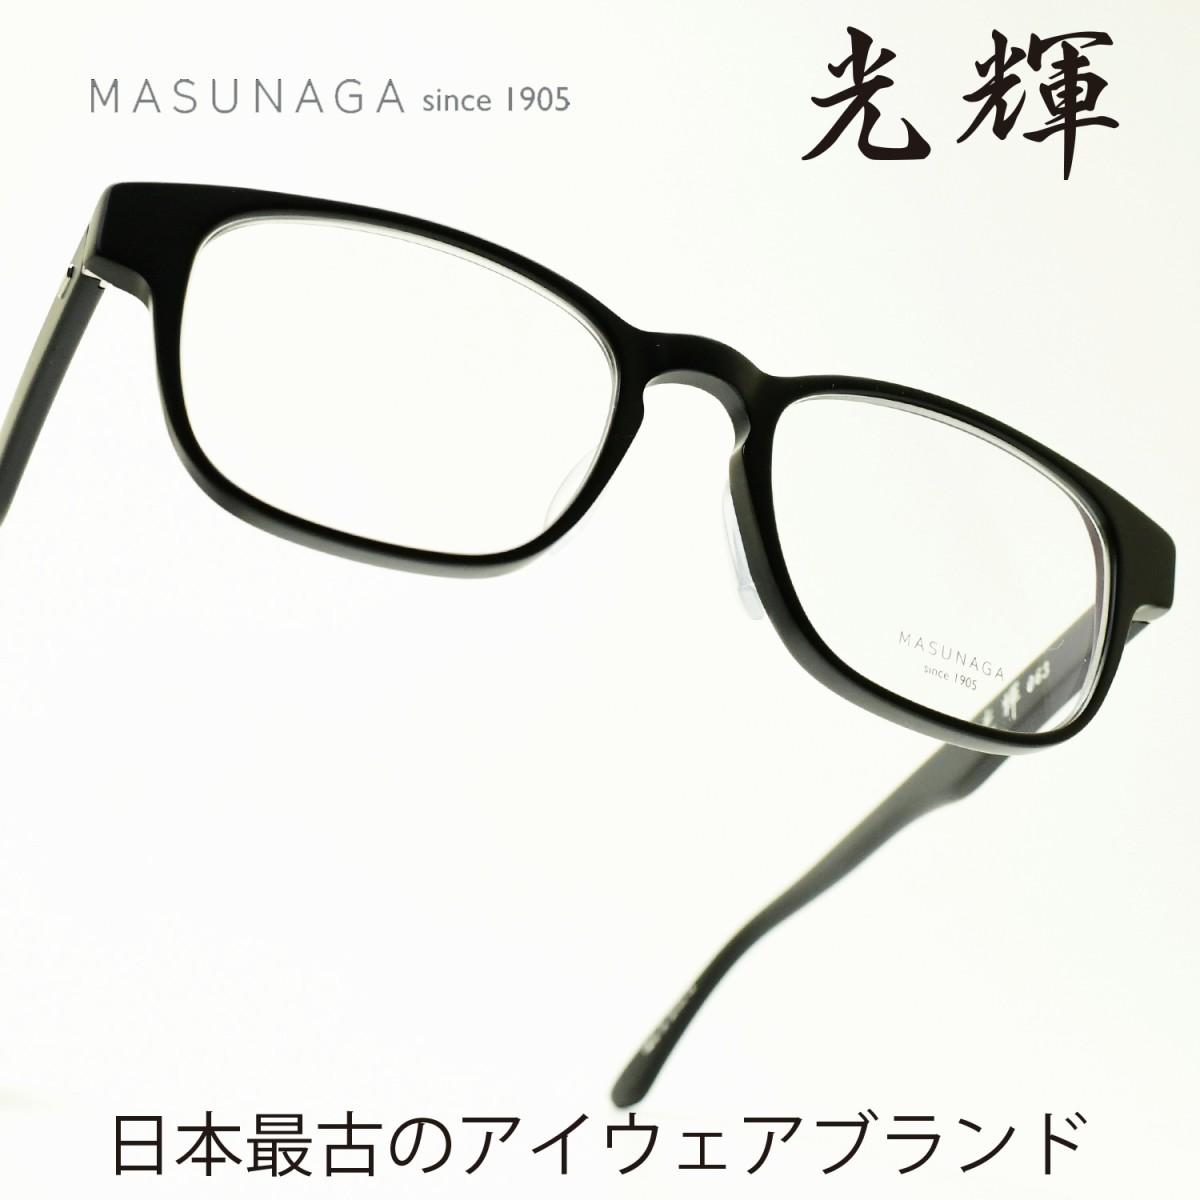 増永眼鏡 MASUNAGA光輝 063 col-49 BLACK MATTEメガネ 眼鏡 めがね メンズ レディース おしゃれブランド 人気 おすすめ フレーム 流行り 度付き レンズ